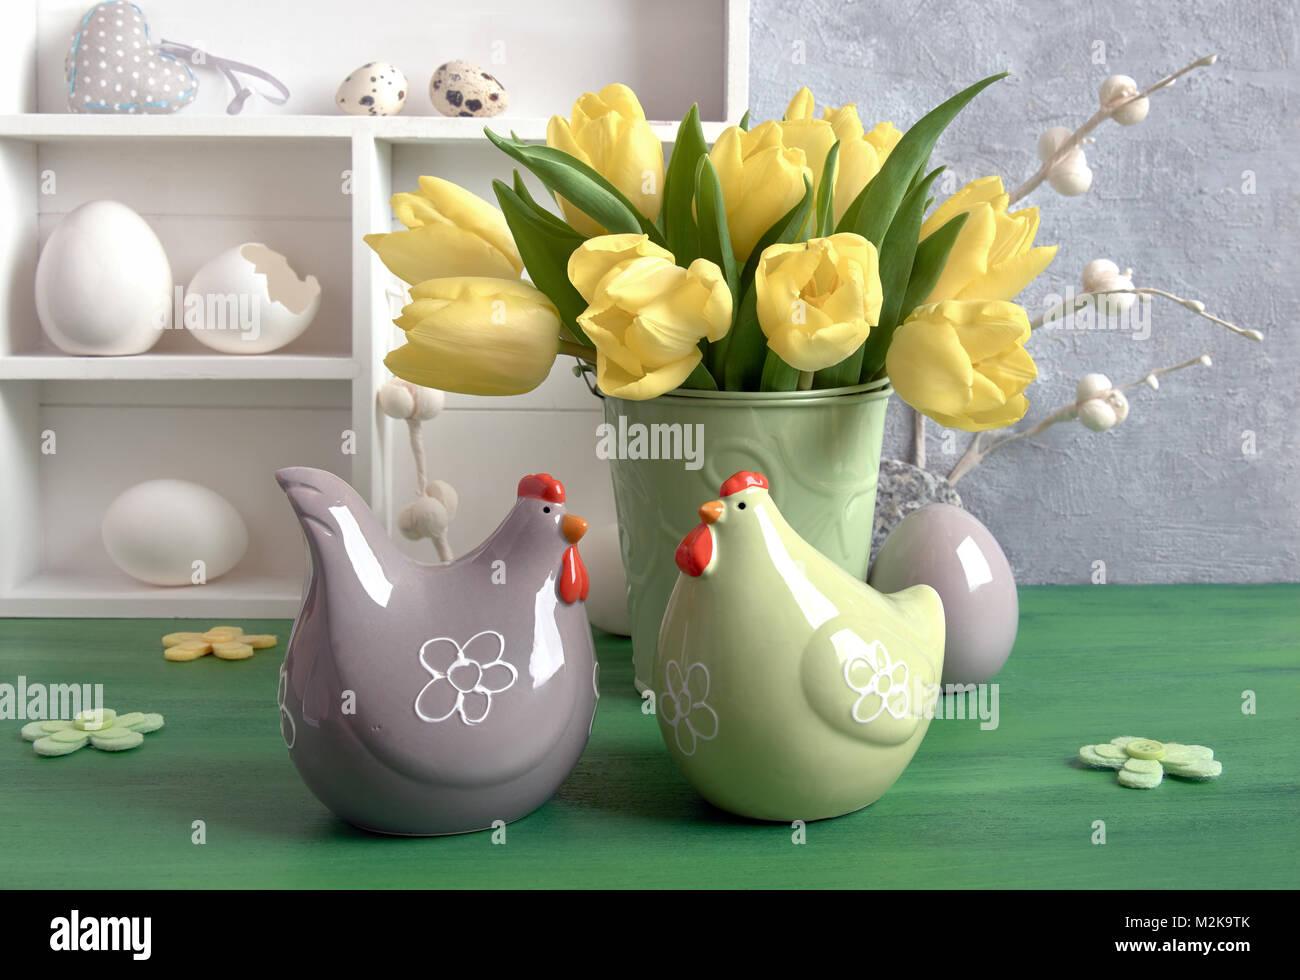 Uova Di Pasqua Ceramica.Composizione Di Pasqua Con Tulipani Gialli Fiori Di Feltro